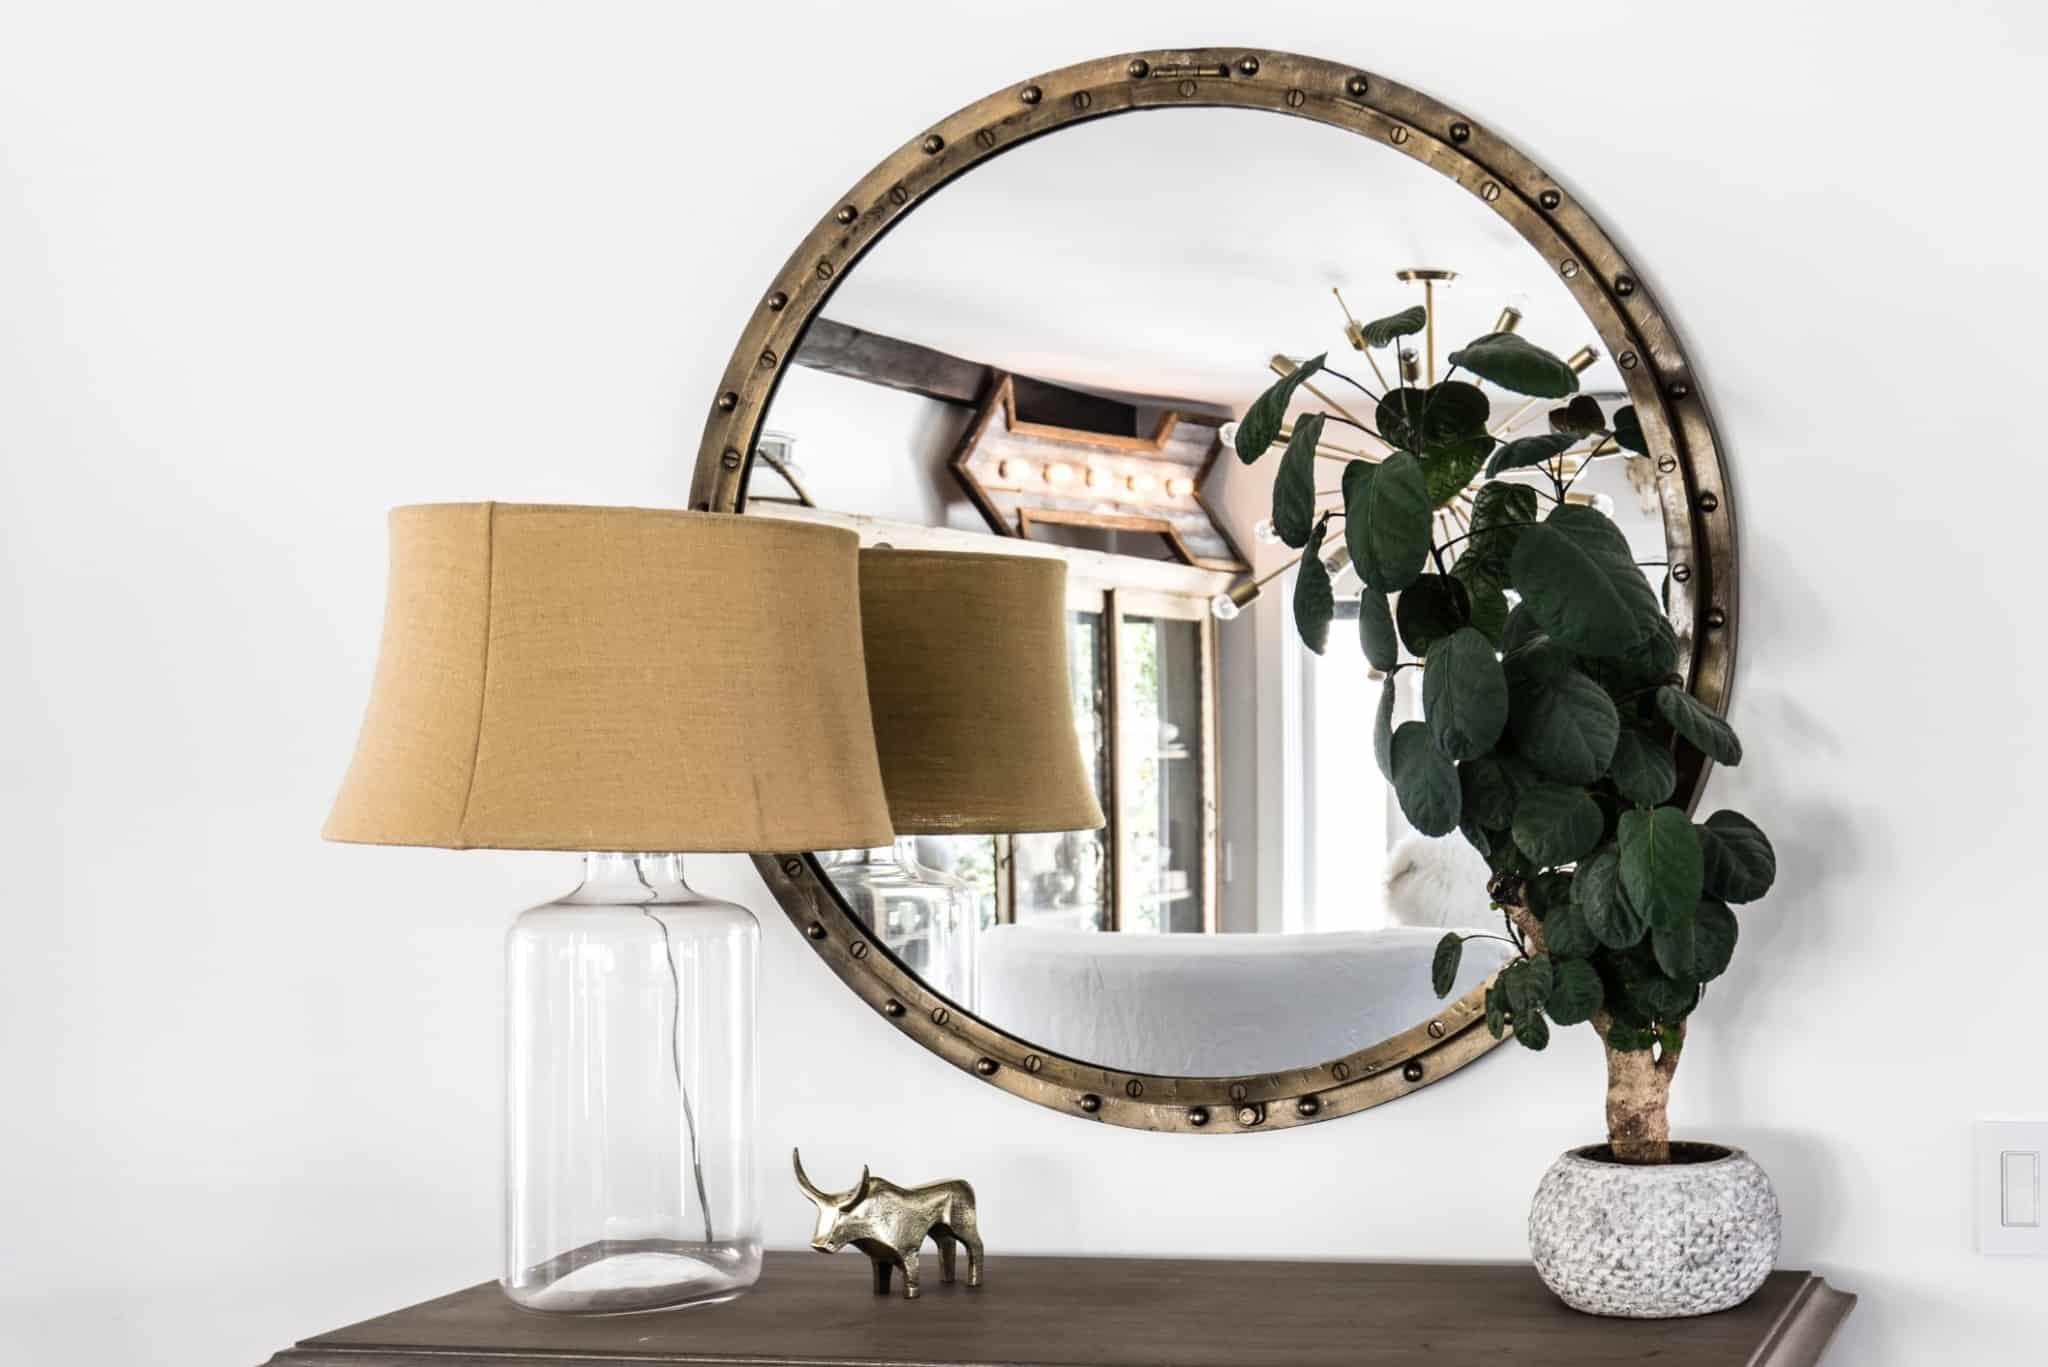 mesa de entrada com espelho redondo, uma planta e um candeeiro